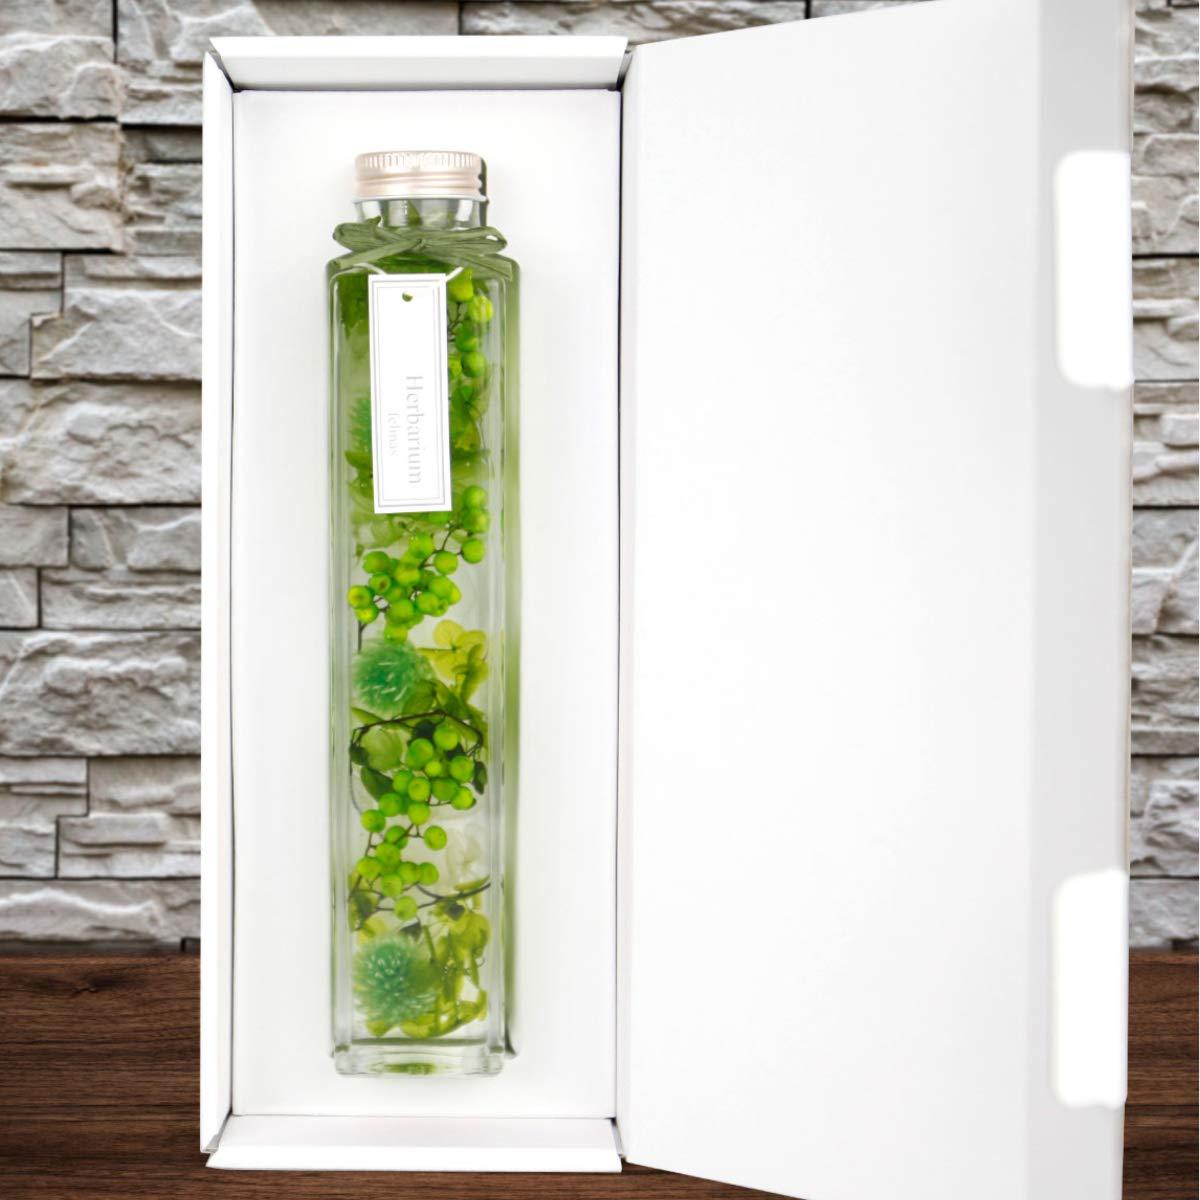 ハーバリウム 角瓶 (1本) グリーン 緑 母の日 2020 花 ギフト / 送料無料 日付指定 プレゼント 贈り物 誕生日 結婚 記念日 フェリナス